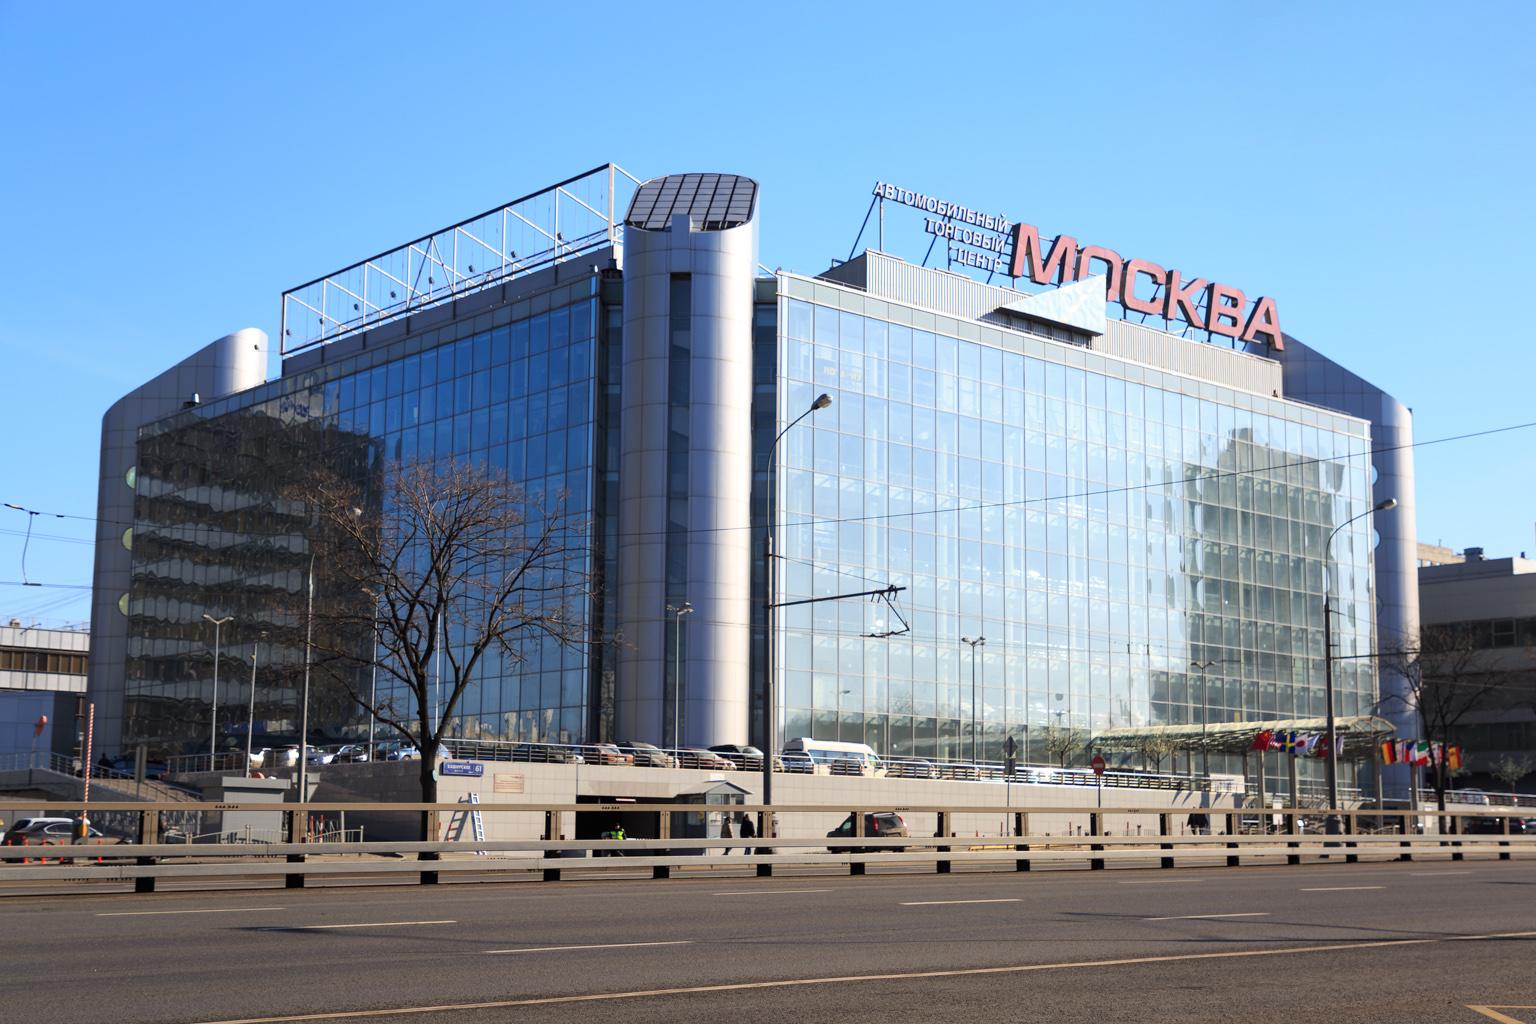 Автосалон на домодедовской атц москва в обеспечение исполнения обязательств заключен договор залога автомобиля